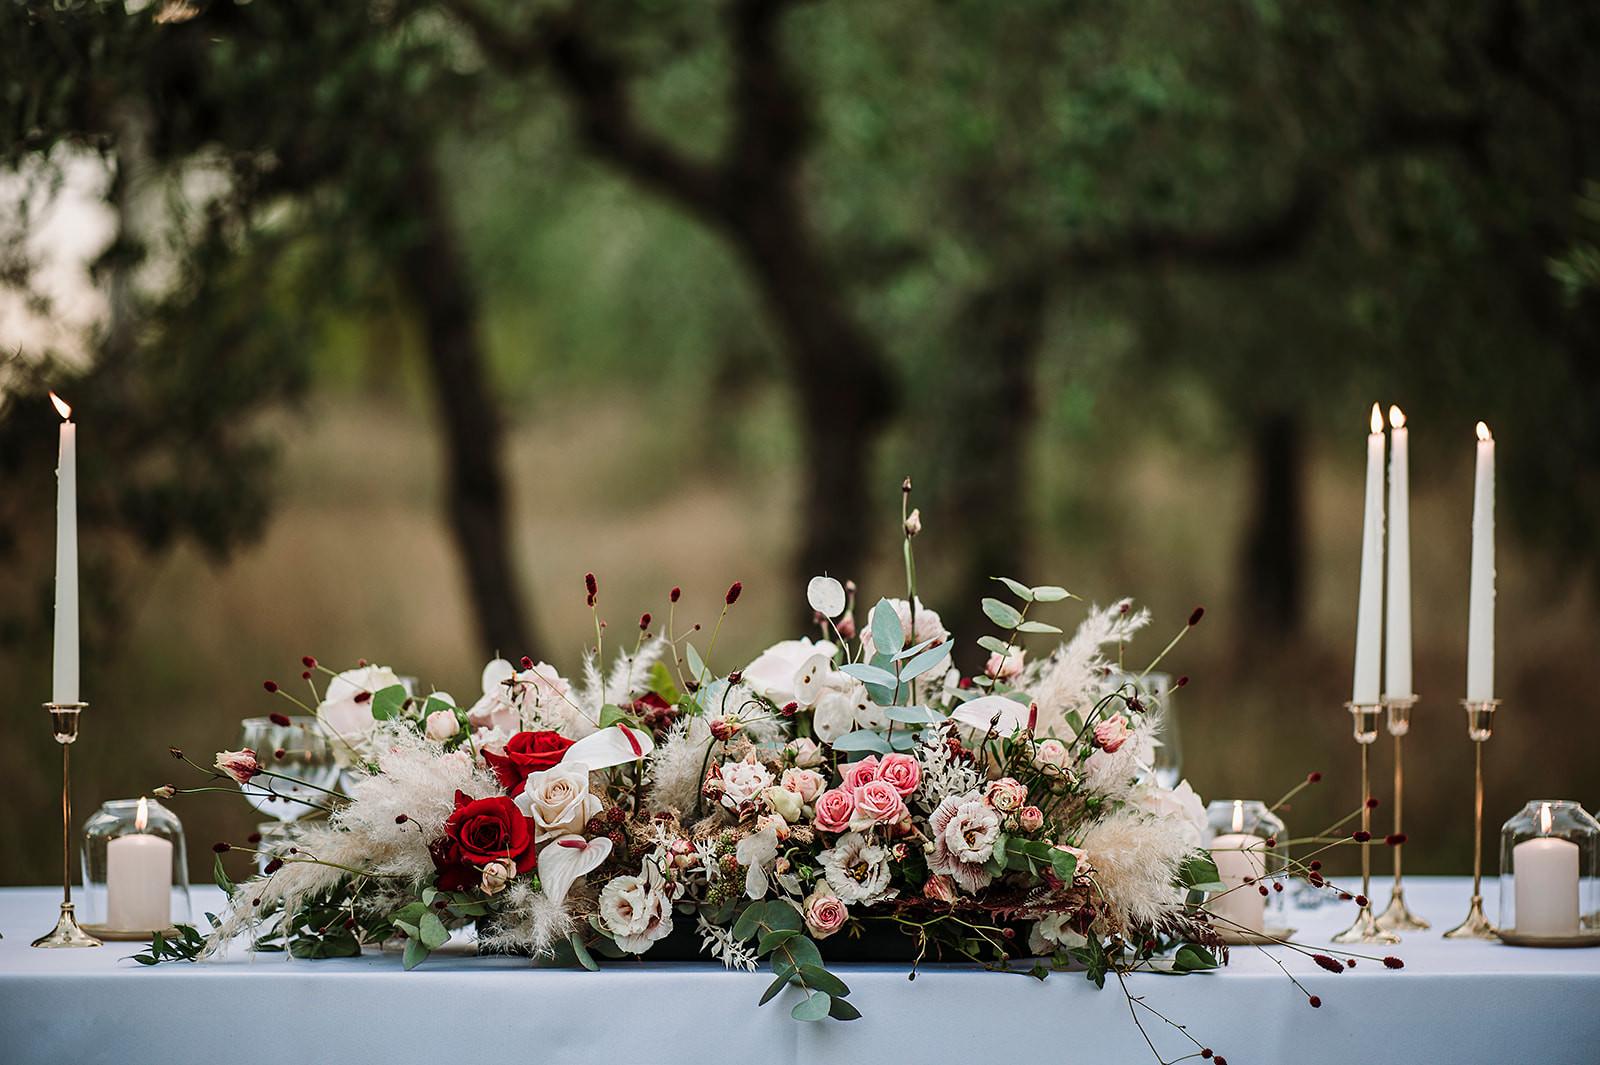 fiori e allestimento.jpg